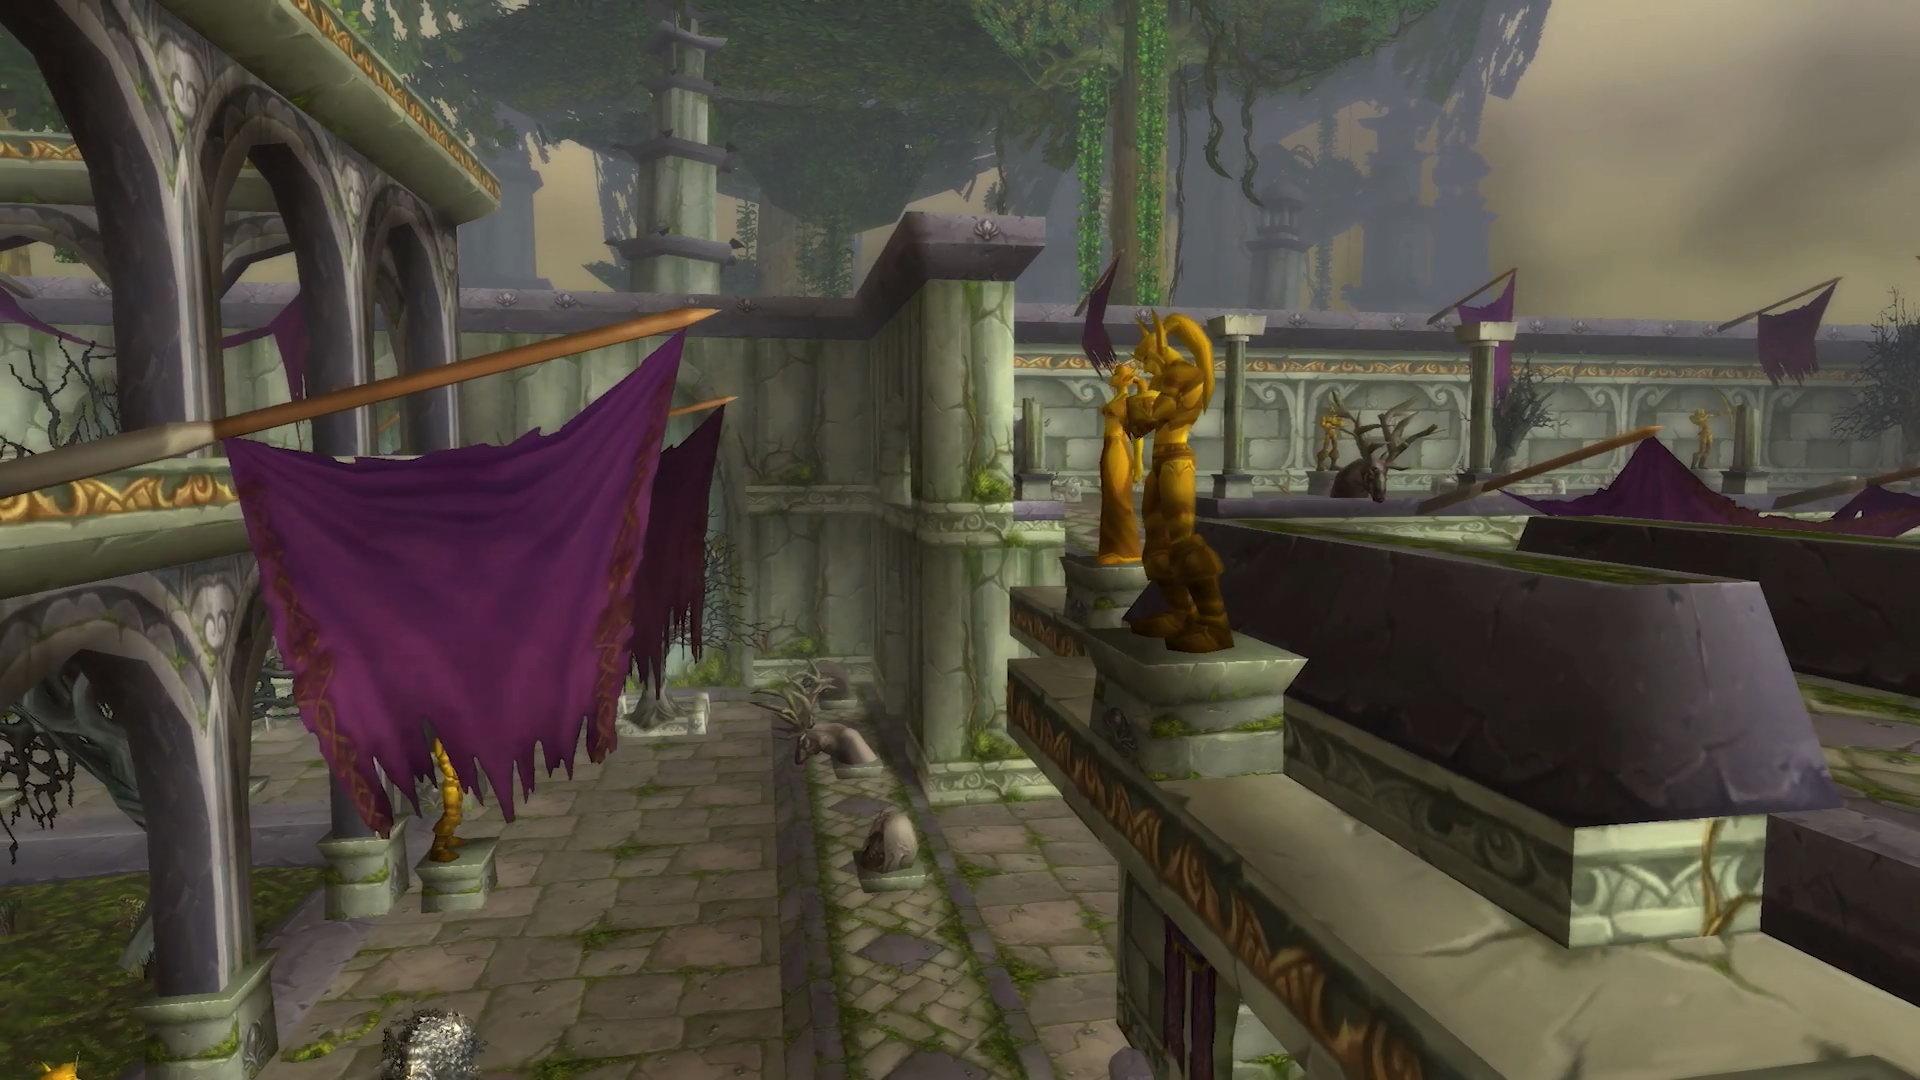 《魔兽世界》怀旧服将于10月15日开放新服务器